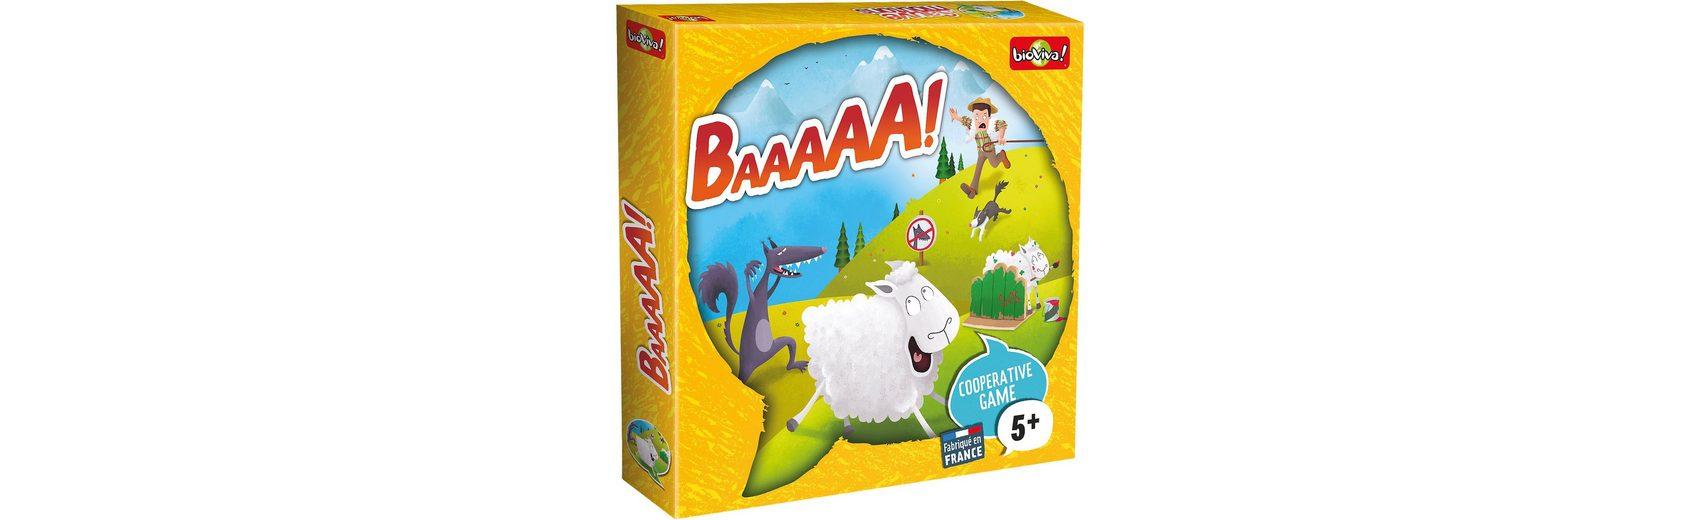 Bioviva Baaaaa - Rette die Schafe Spiel